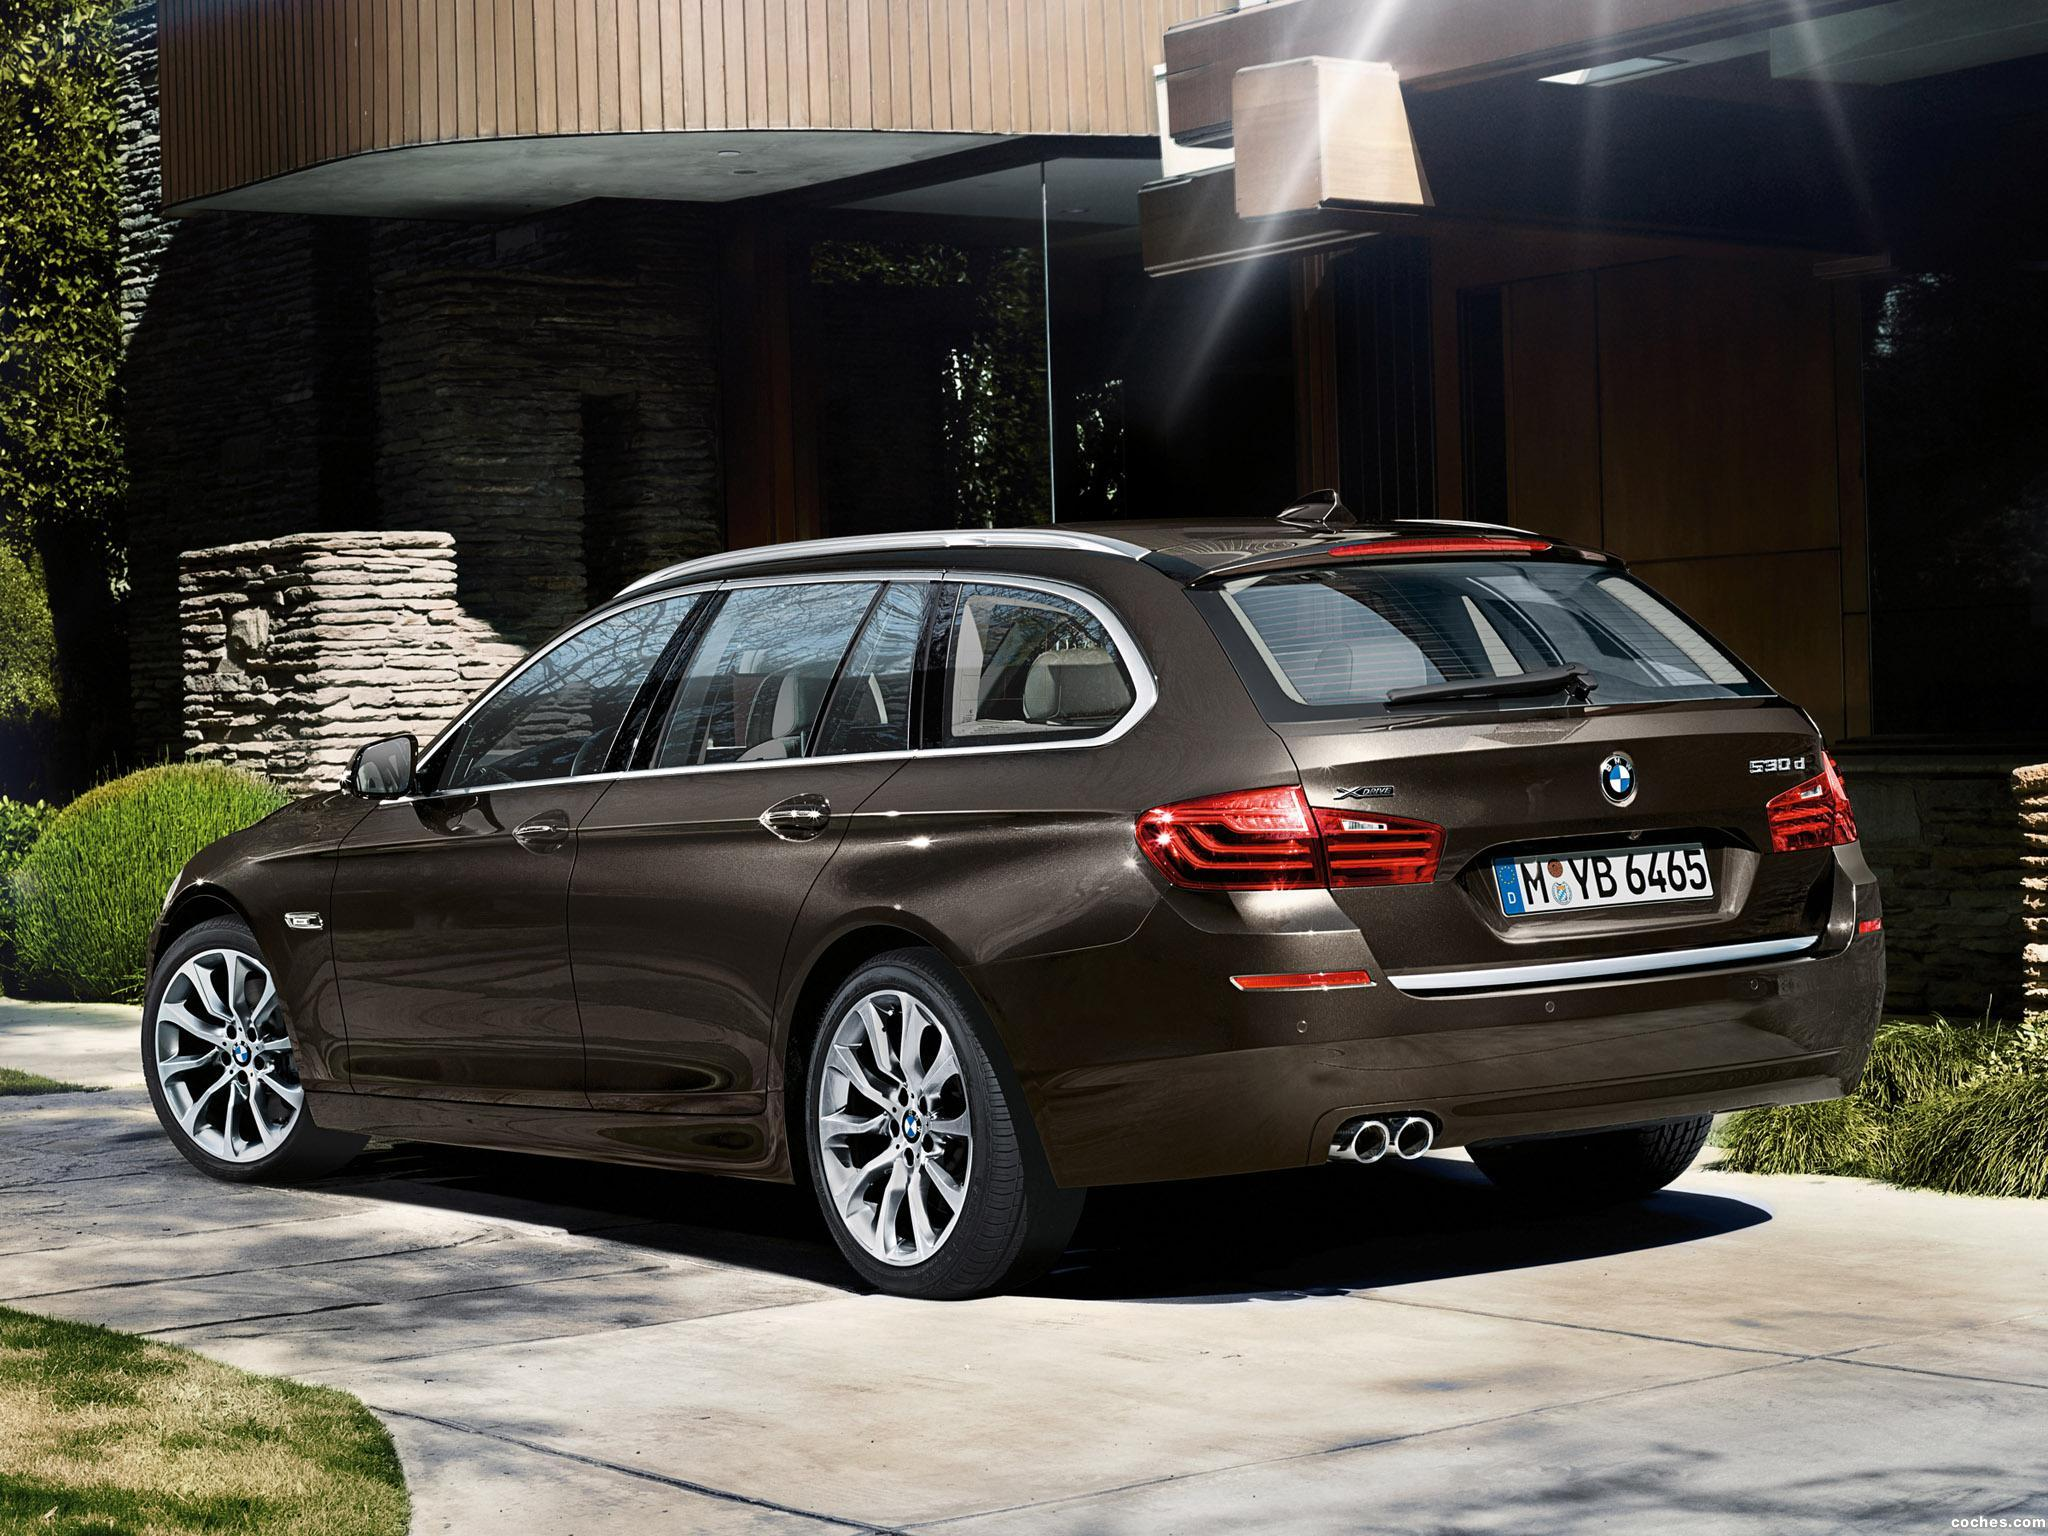 Foto 2 de BMW Serie 5 530d xDrive Touring Modern Line 2013